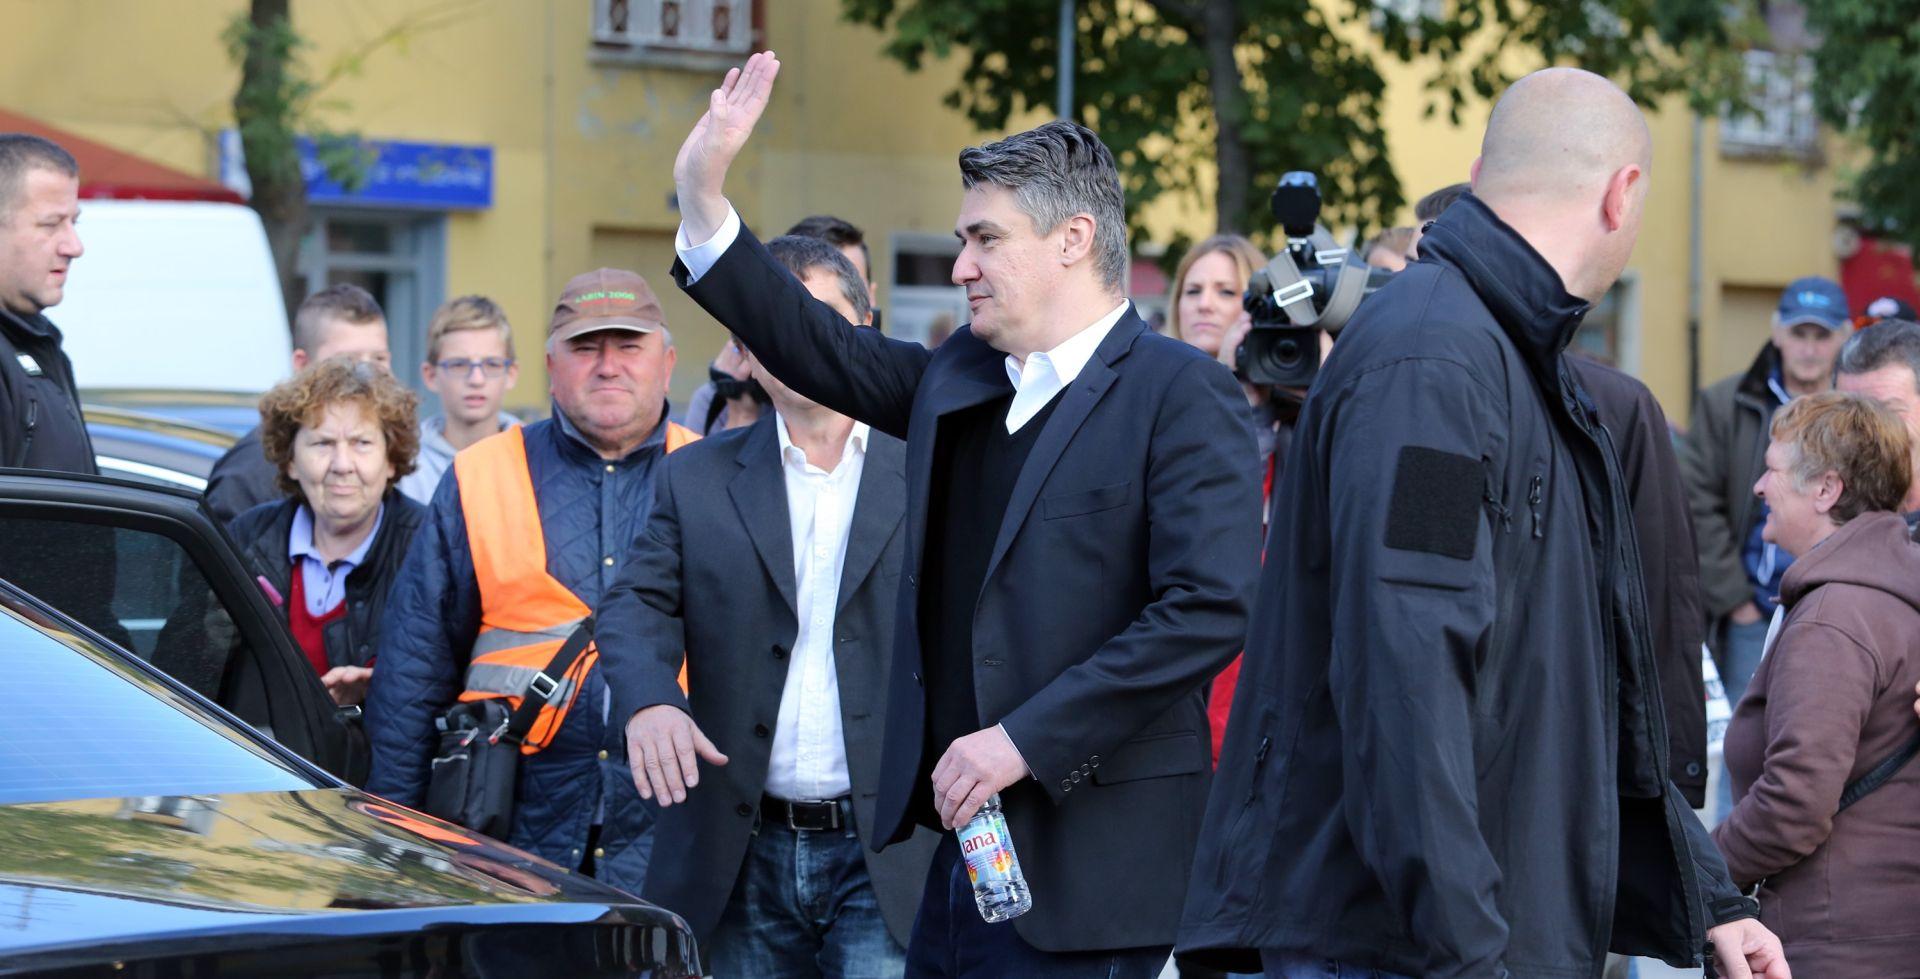 NOVOGODIŠNJA PORUKA: Milanović zaželio da Hrvatska nastavi gospodarski rasti